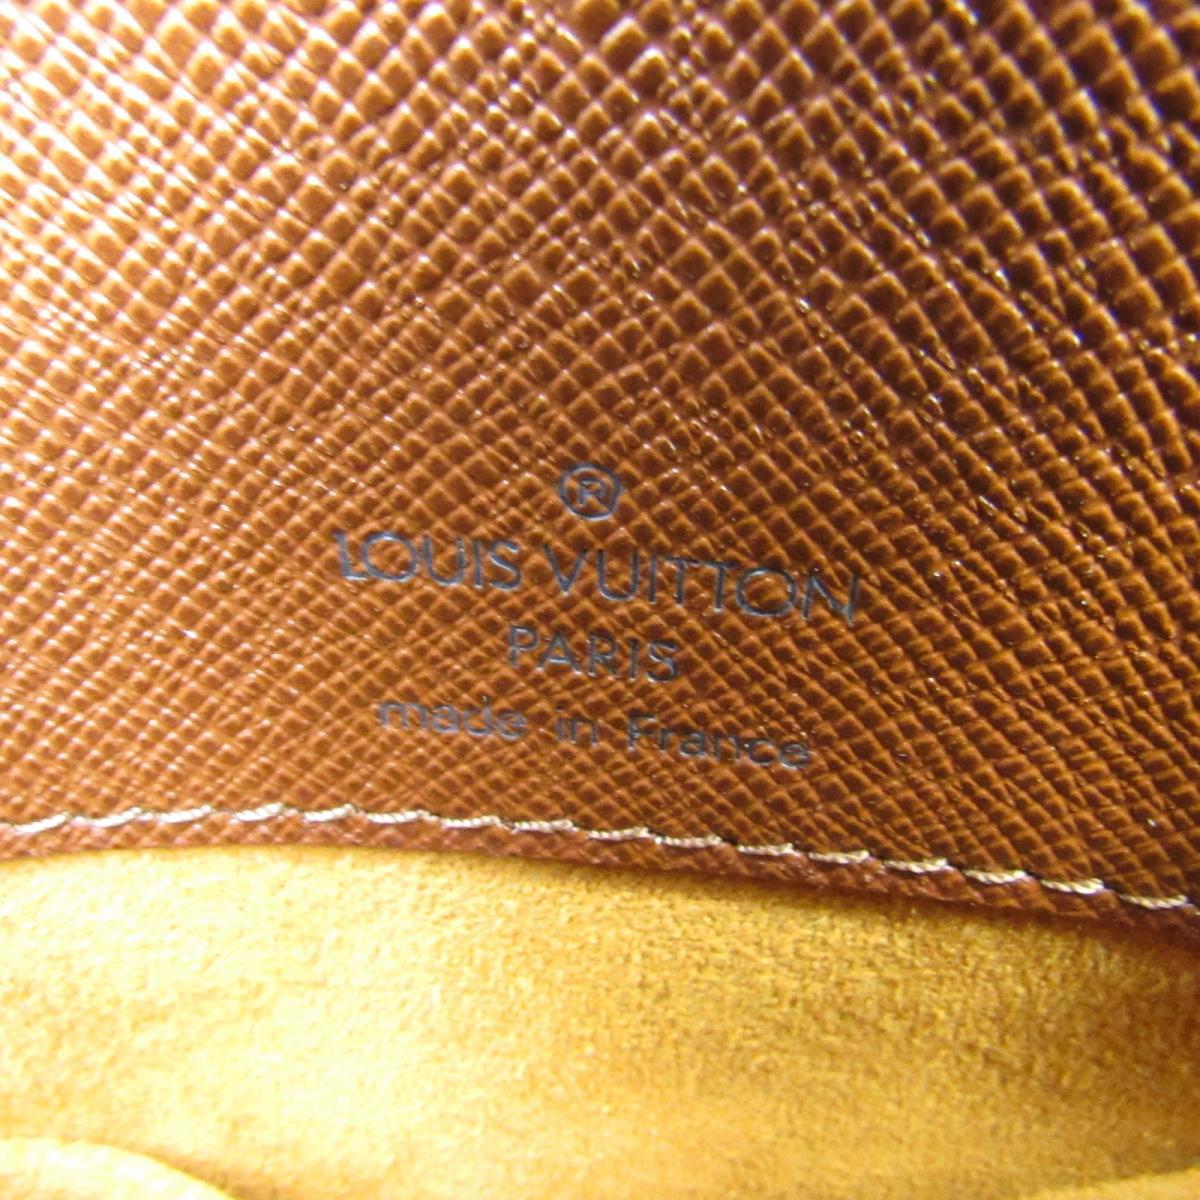 ルイヴィトン ミュゼット ショルダーバッグ レディース モノグラムM51256LOUIS VUITTON BRANDOFF ブランドオフ ヴィトン ビトン ルイ・ヴィトン ブランド ブランドバッグ バッグ バック ショルダーバック ショルダー 肩掛けxeQdCrBoW